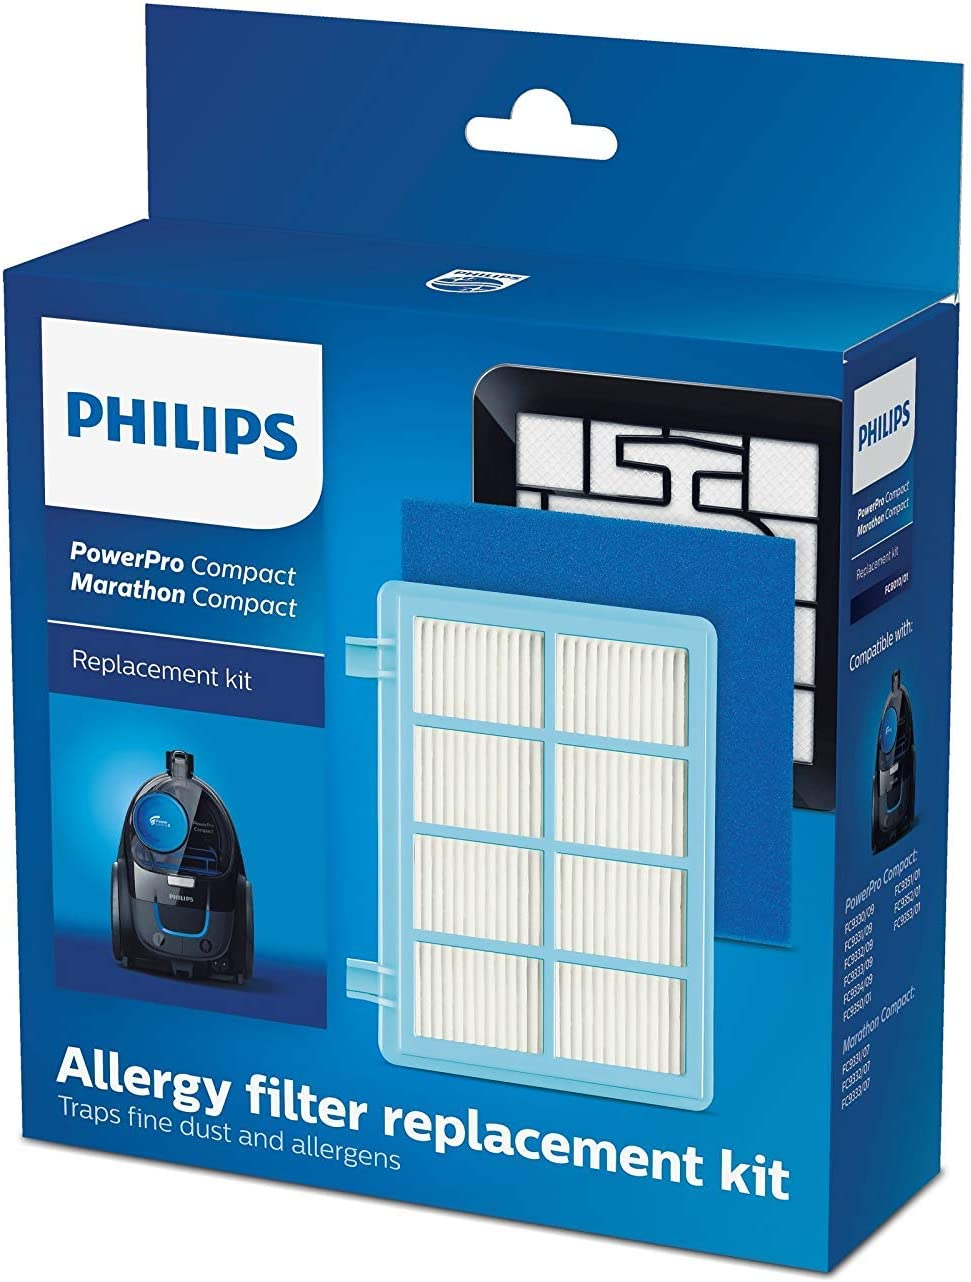 Philips Kit de repuestos FC8010/01 - Accesorio para aspiradora (Aspiradora cilíndrica, Filtro, Azul, Blanco, PowerPro Compact: FC9330 - FC9334, FC9350 - FC9353, 3 pieza(s)): Amazon.es: Hogar